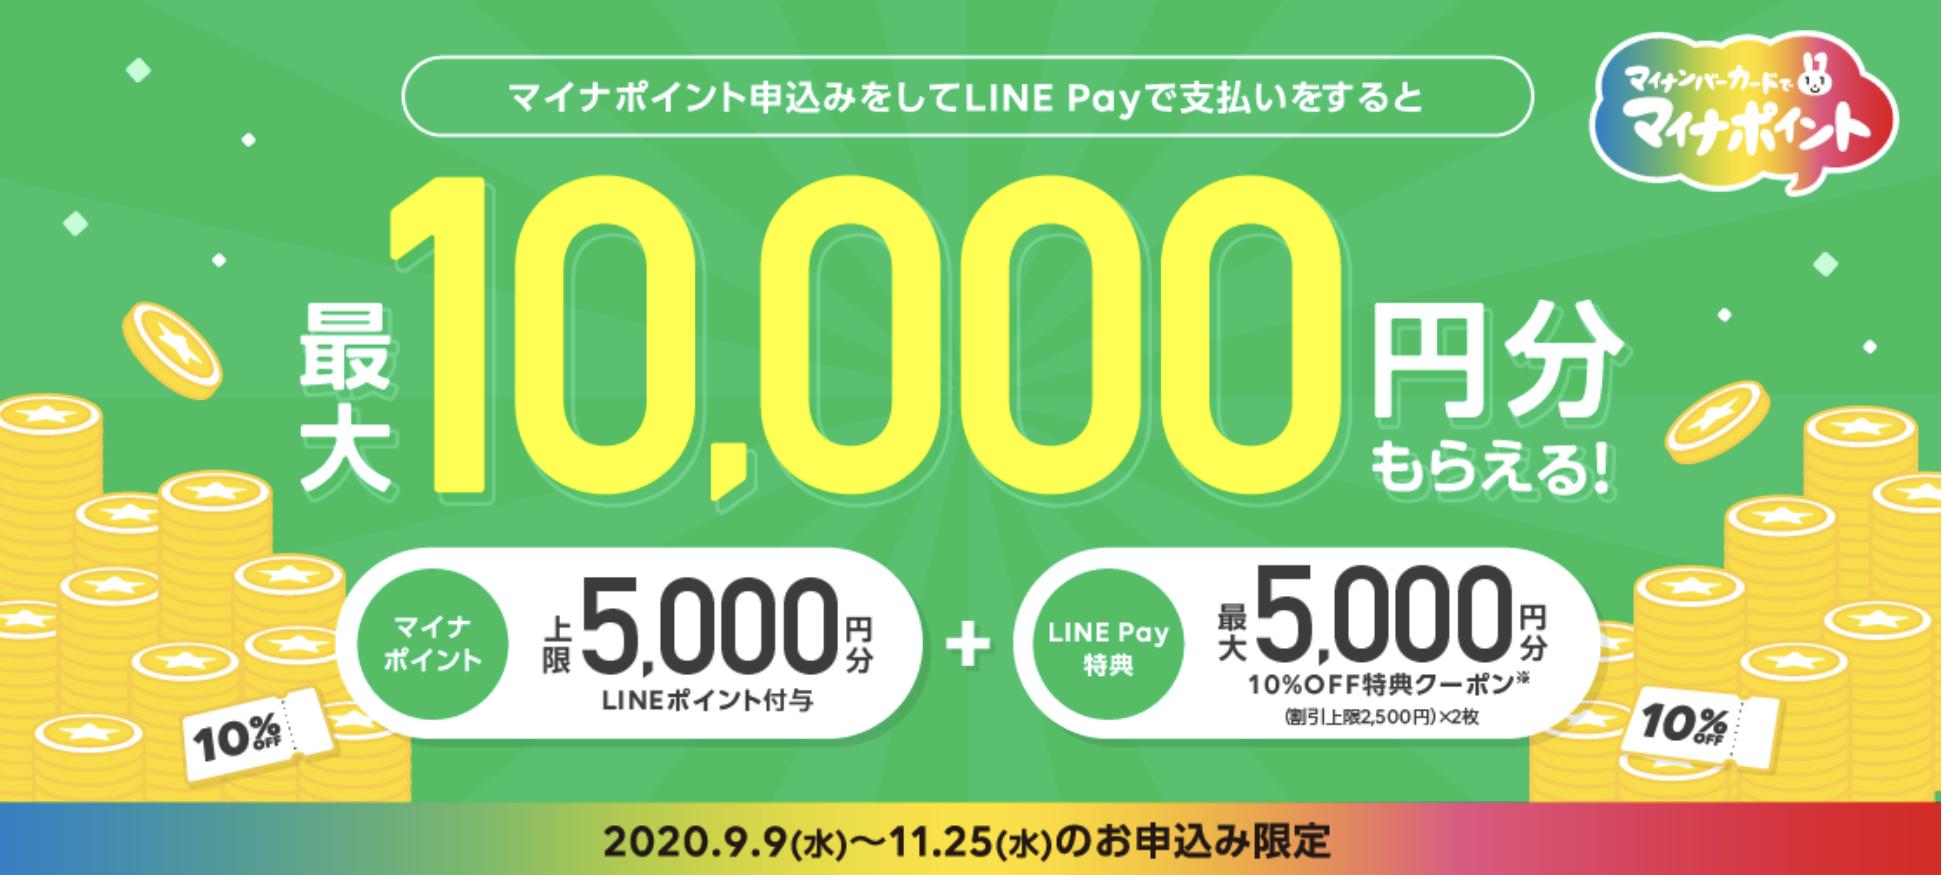 LINE Pay マイナポイント申込みの独自キャンペーン第2弾の画像